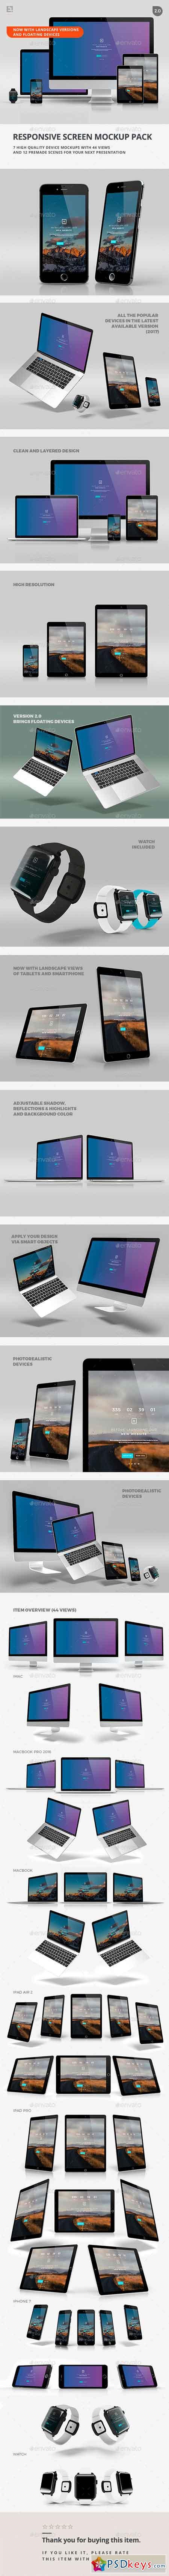 Responsive Screen Mockup Pack 19402690